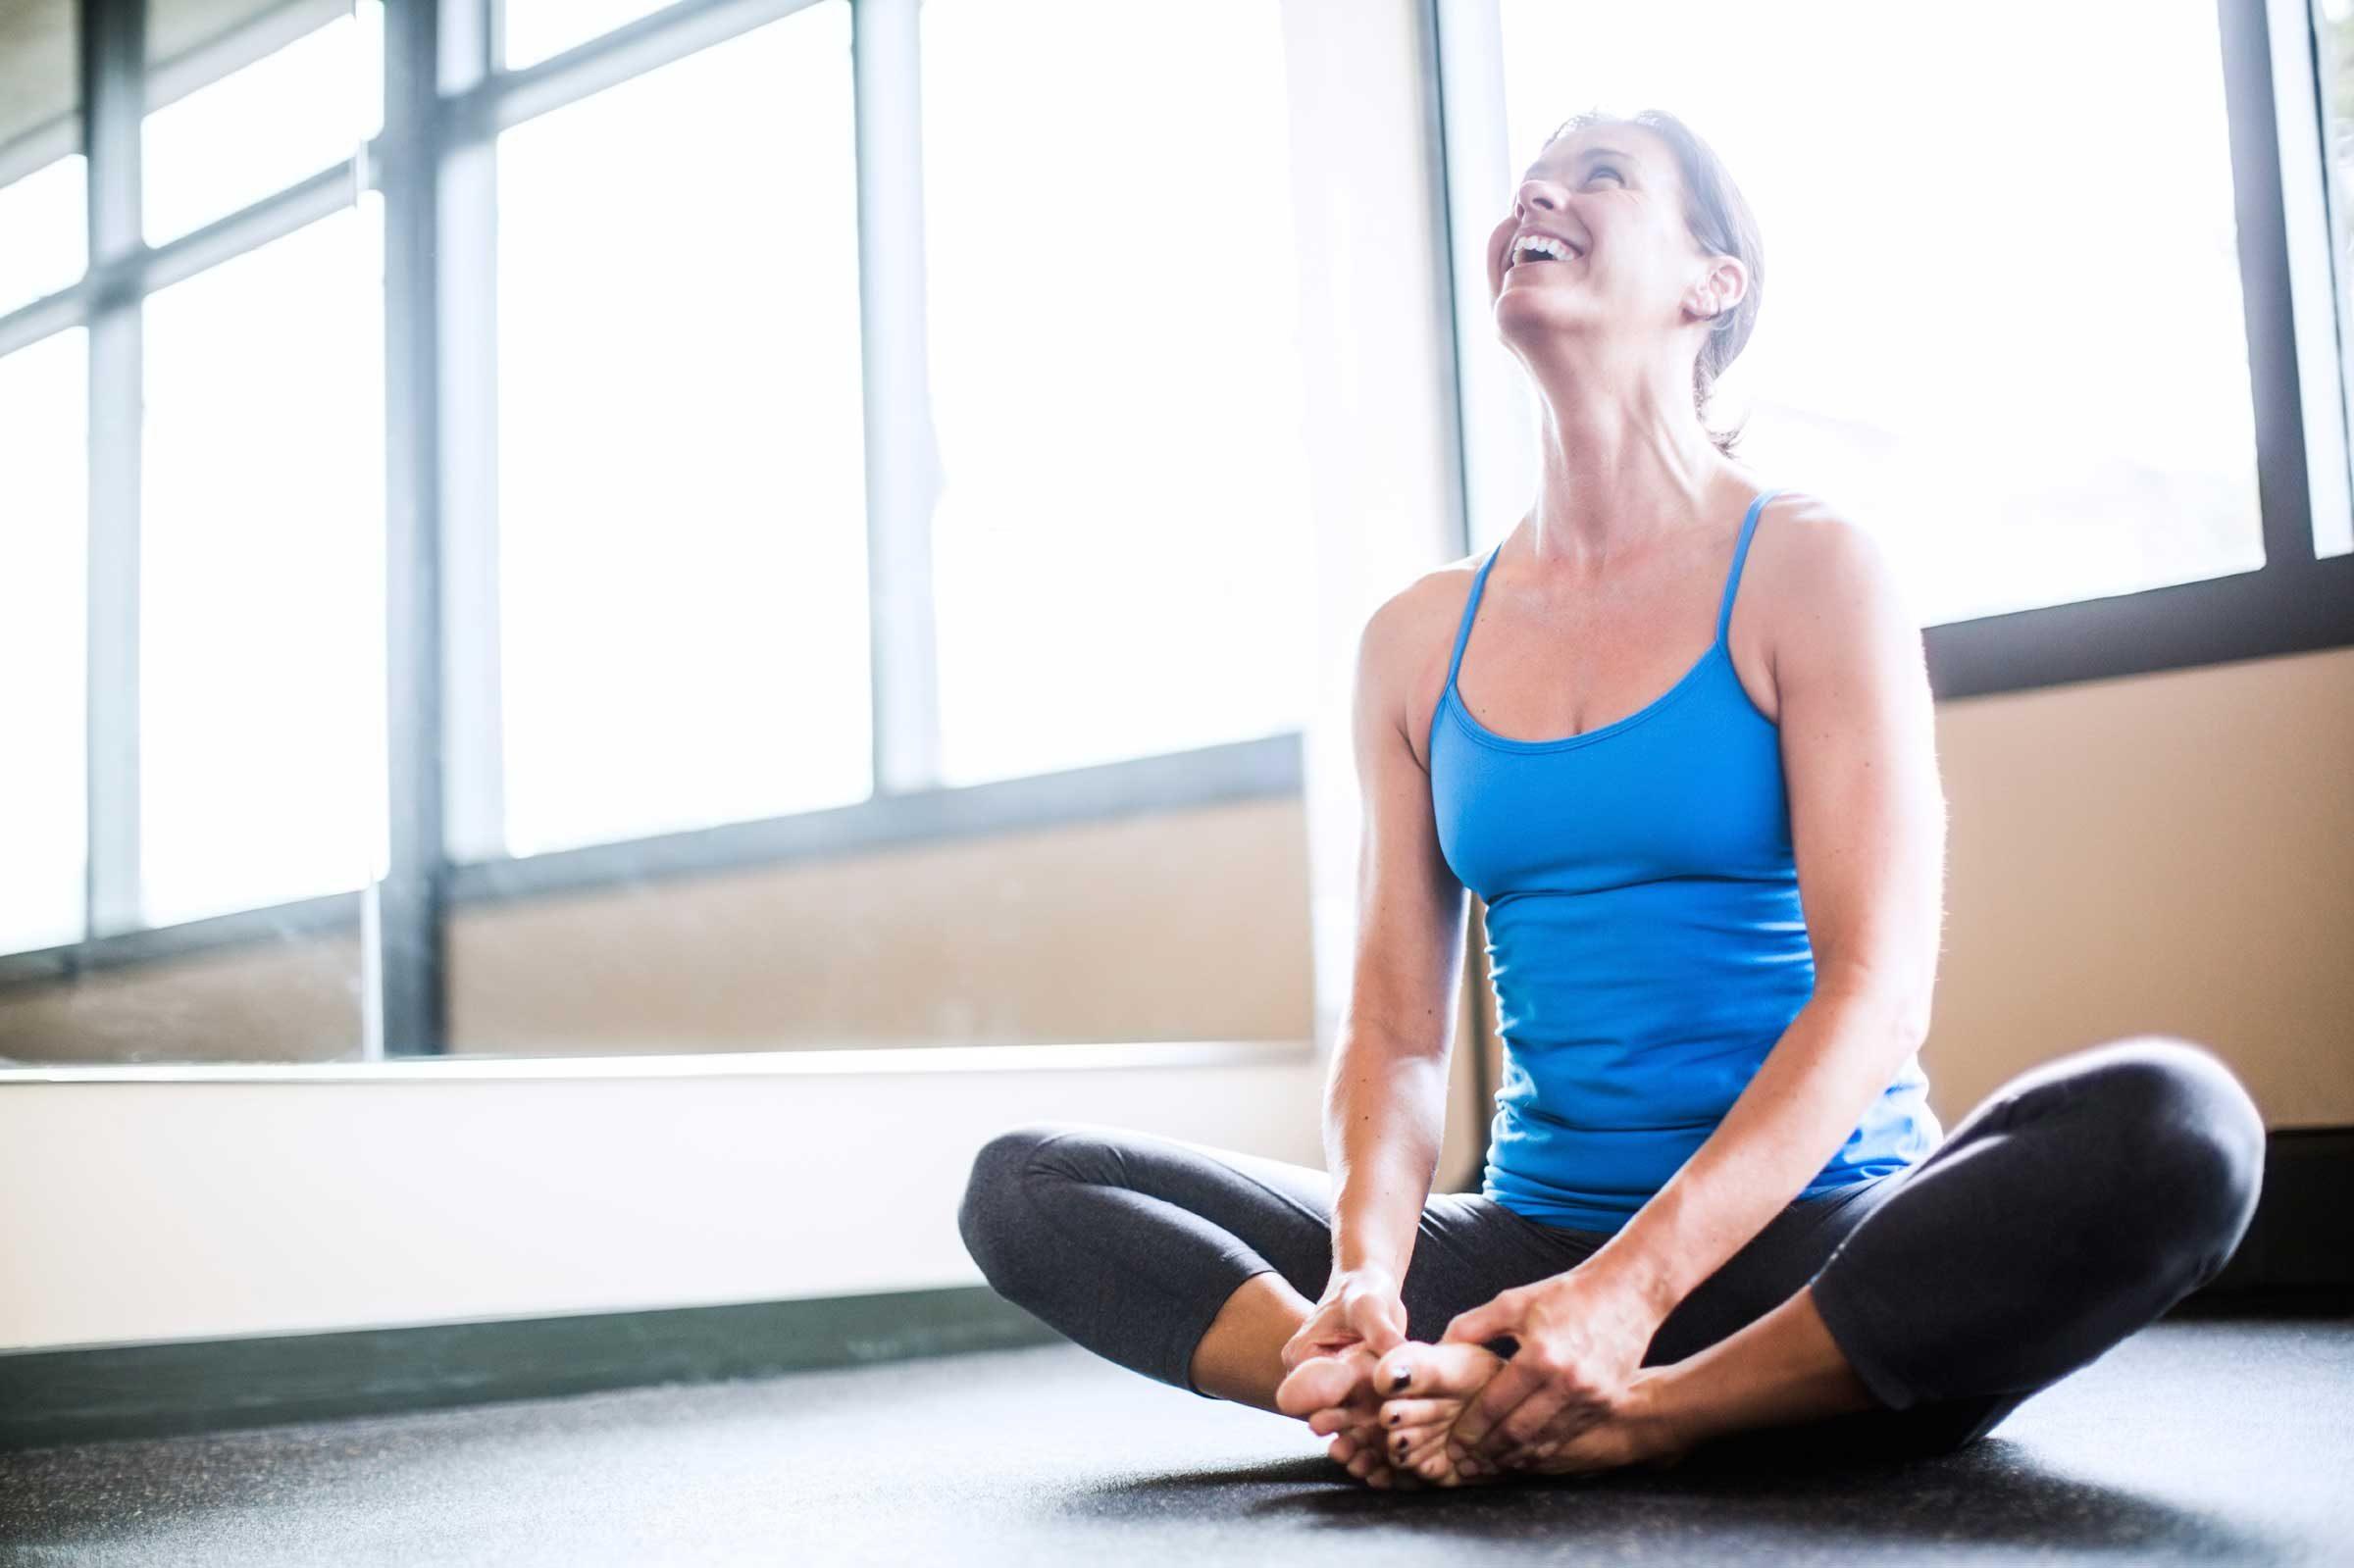 Avoid intense workouts.